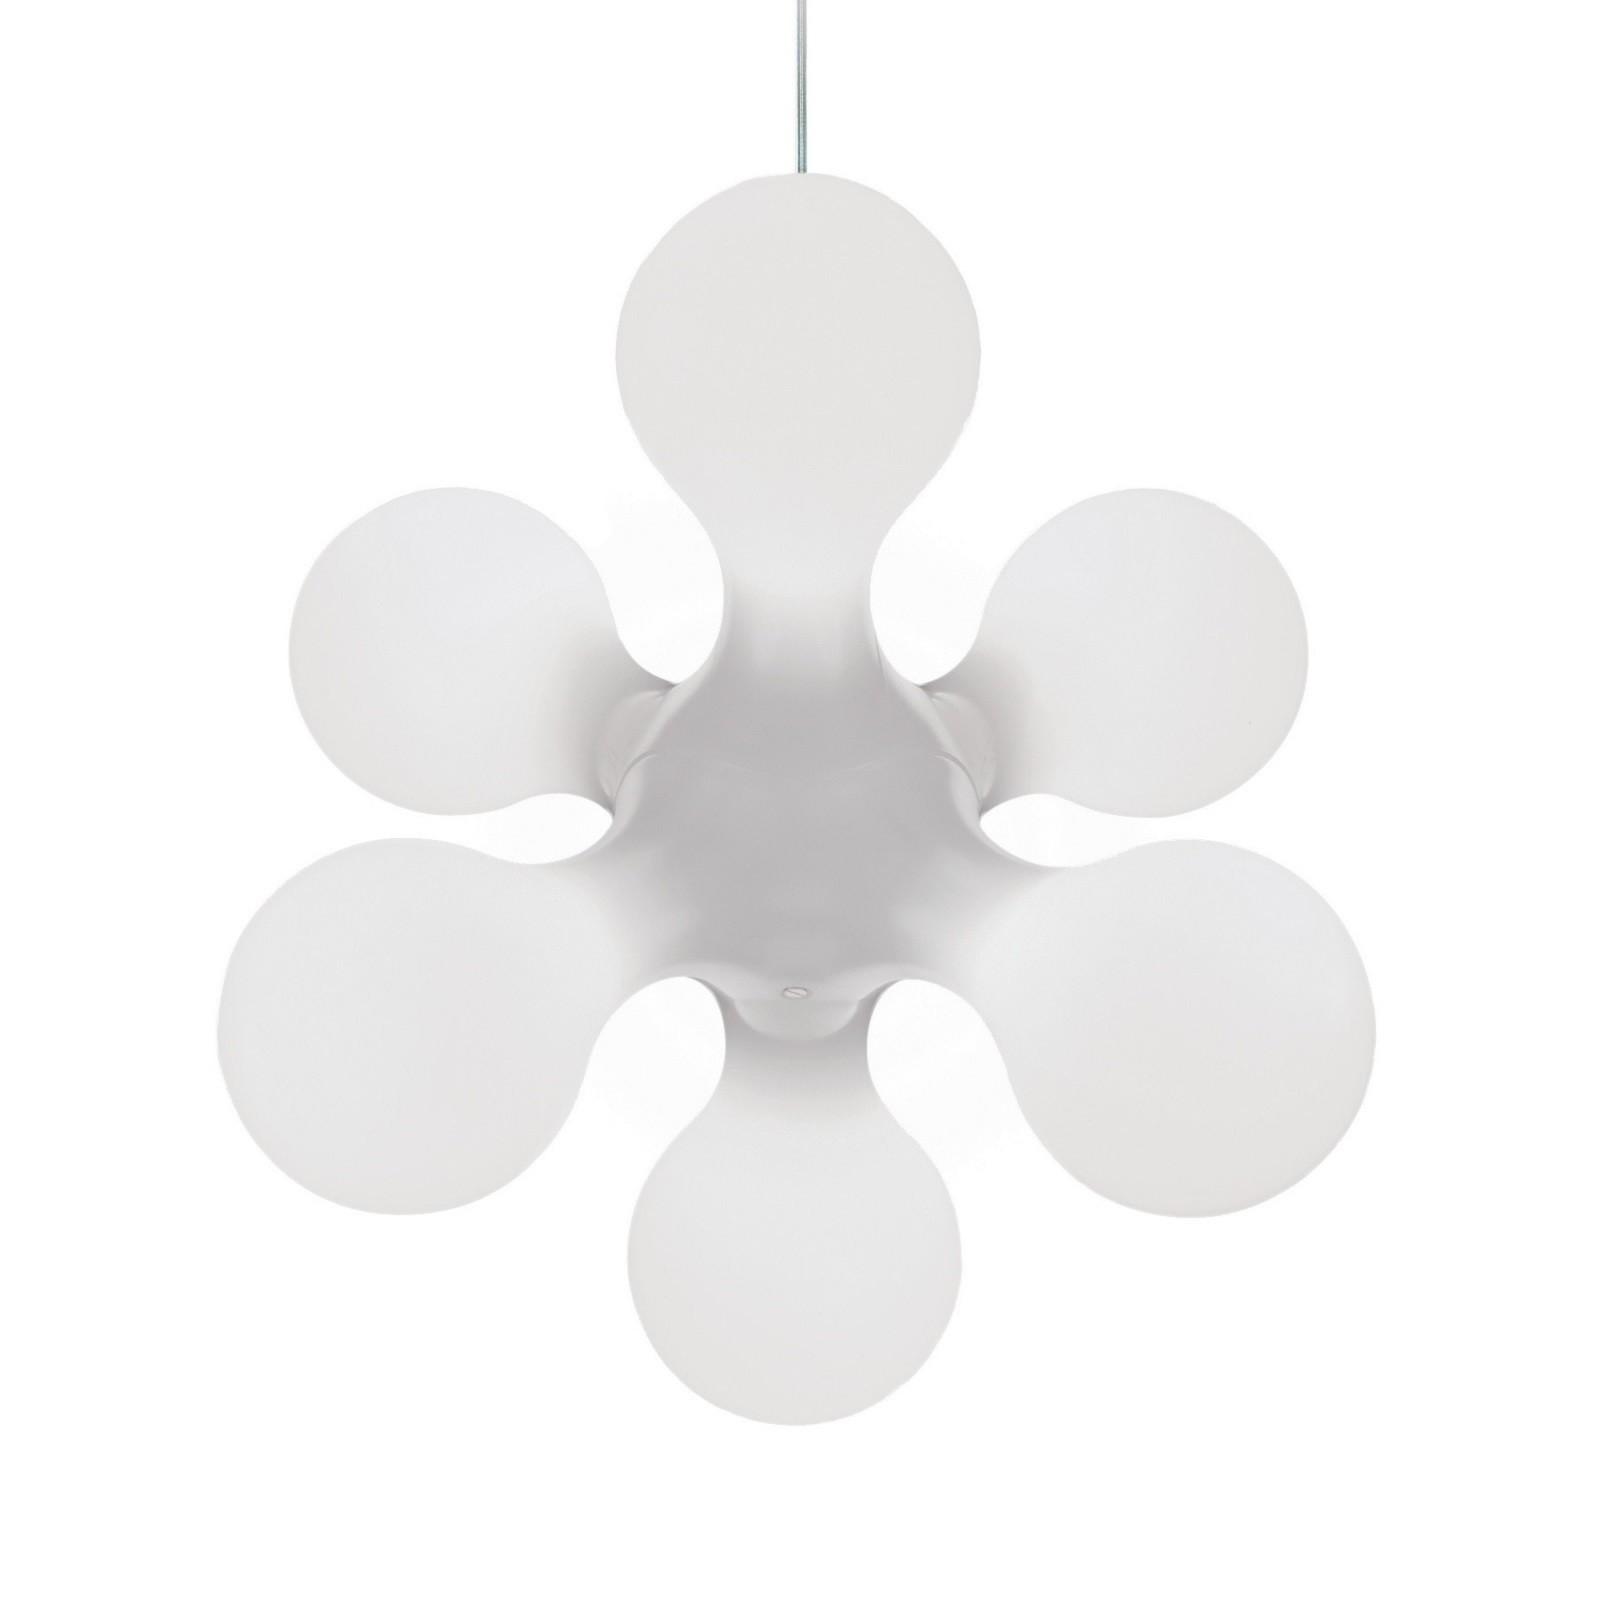 Atomium Ceiling Suspension Lamp - Kundalini